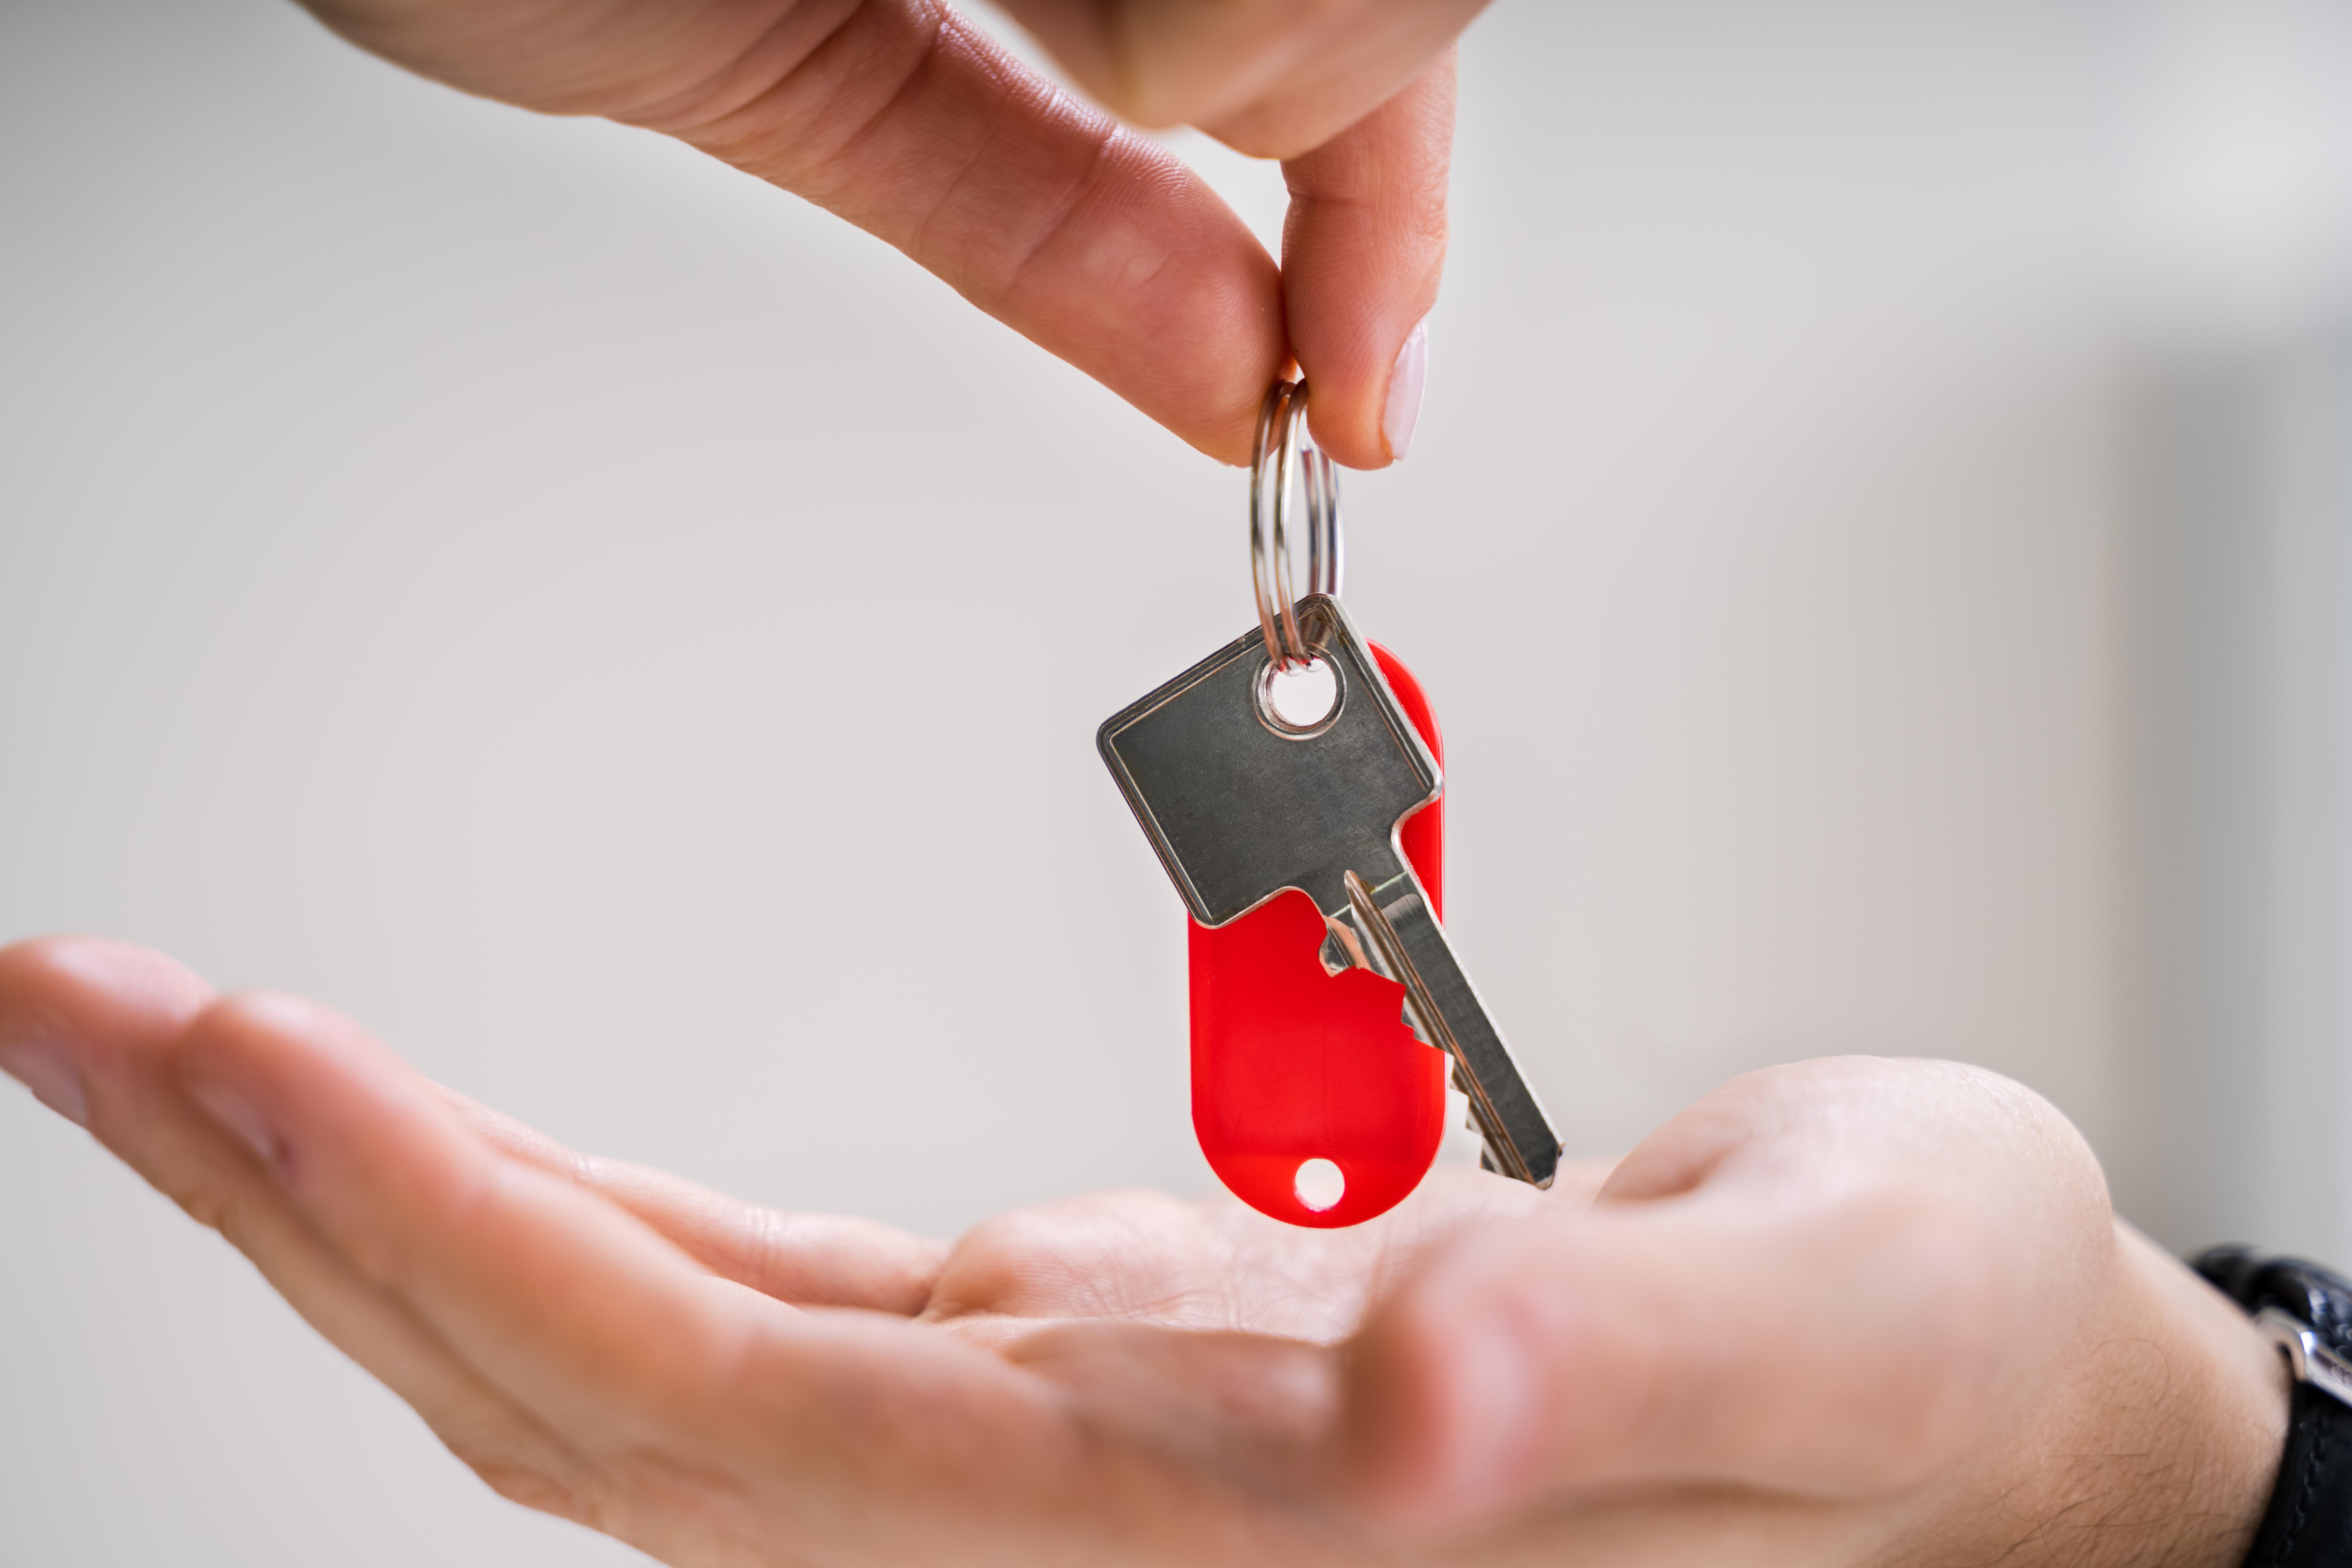 Dal Mit 60 mln di euro al Fondo nazionale per il sostegno all'accesso alle abitazioni in locazione